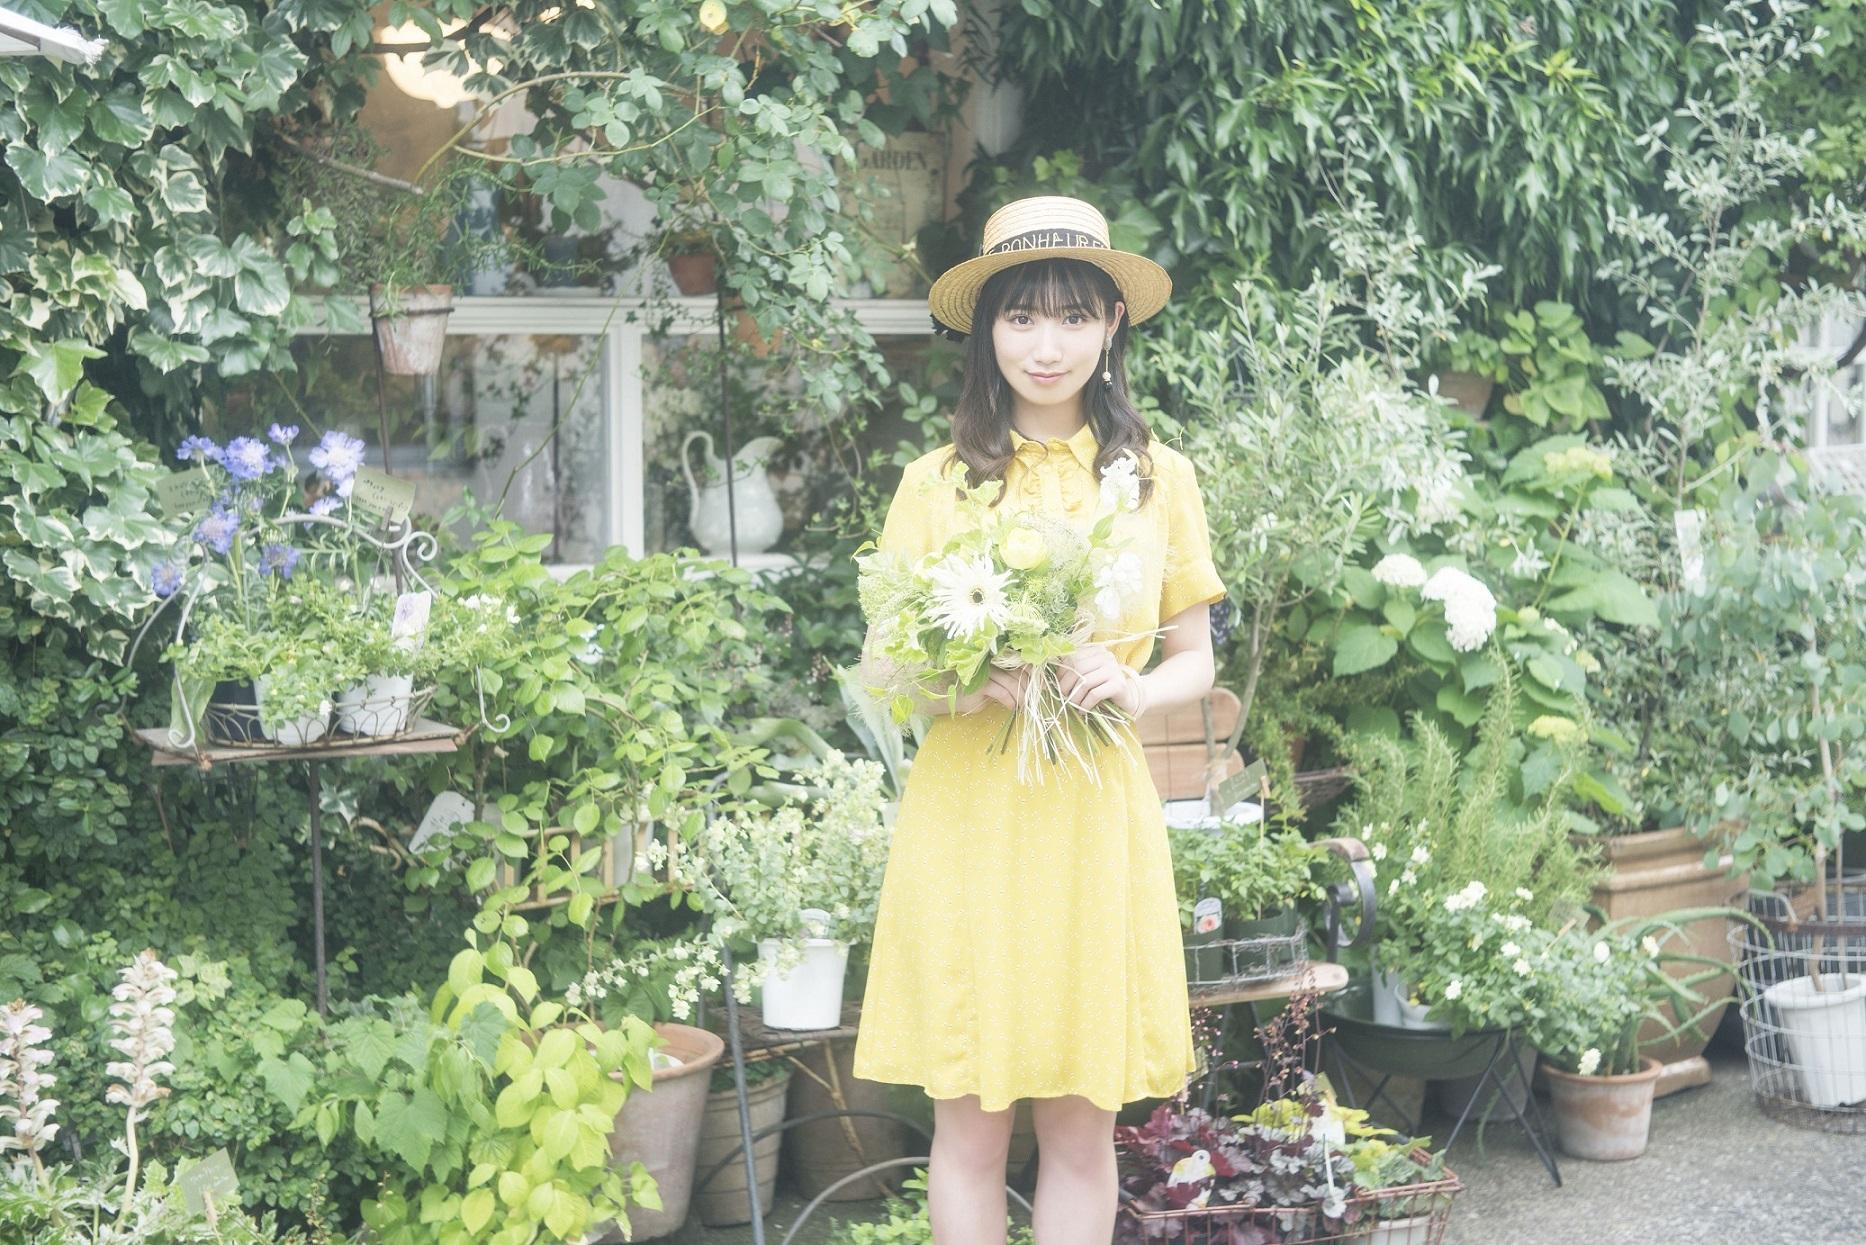 上野優華×REN スペシャルライブ ~ホイアン日本祭り2018 壮行会SP!~